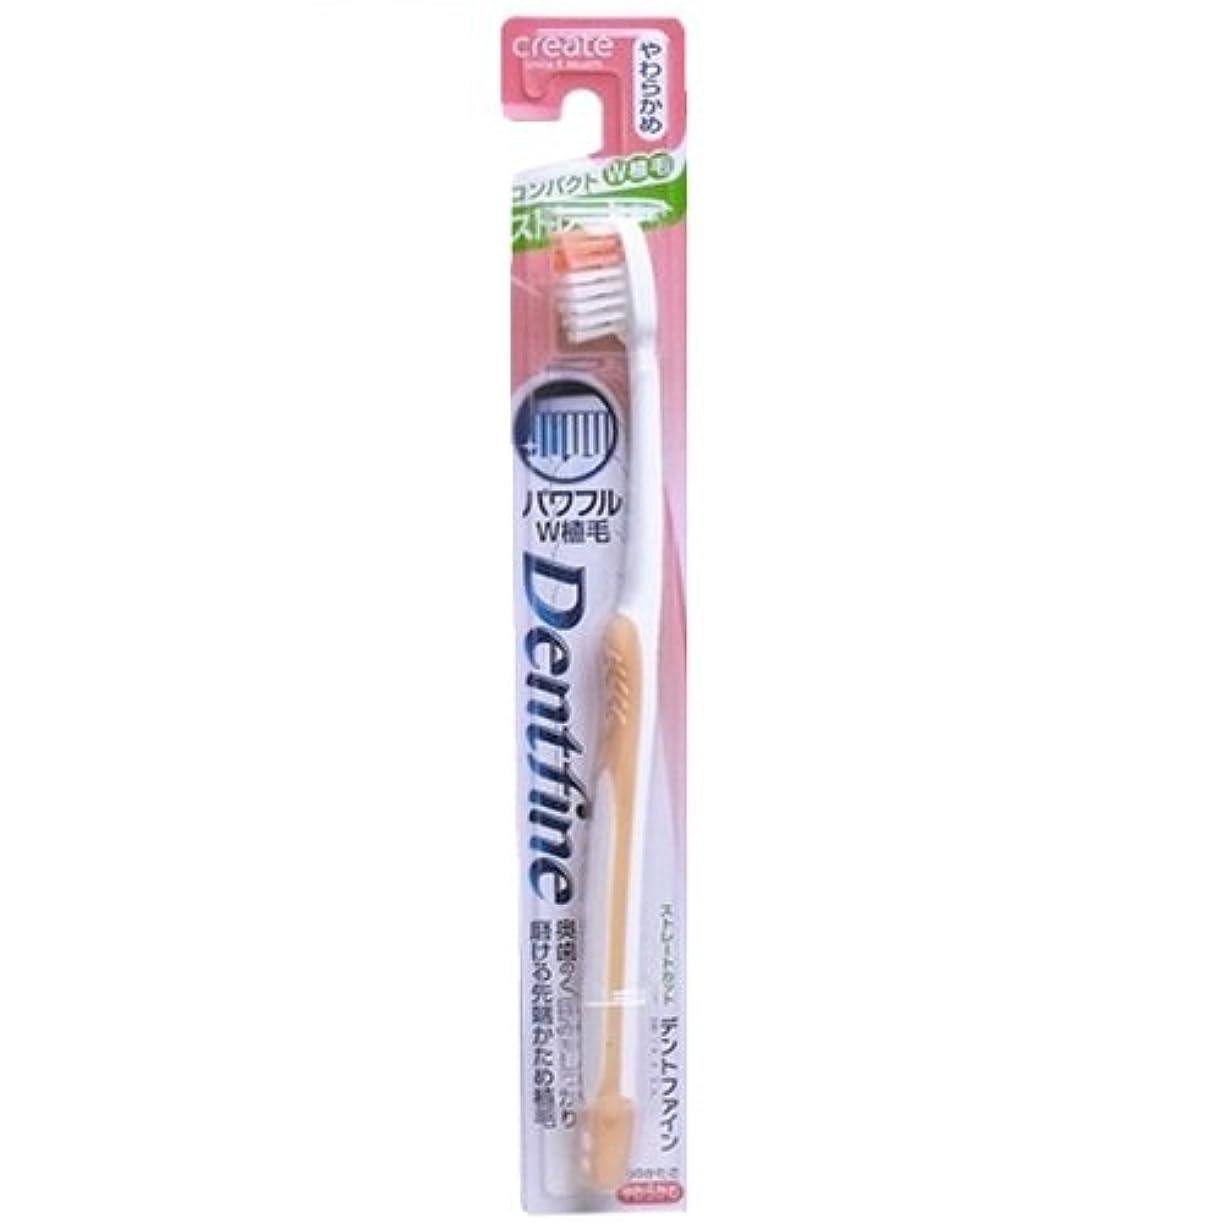 ムス想定する補償デントファインラバーグリップ ストレートカット歯ブラシ やわらかめ 1本:オレンジ